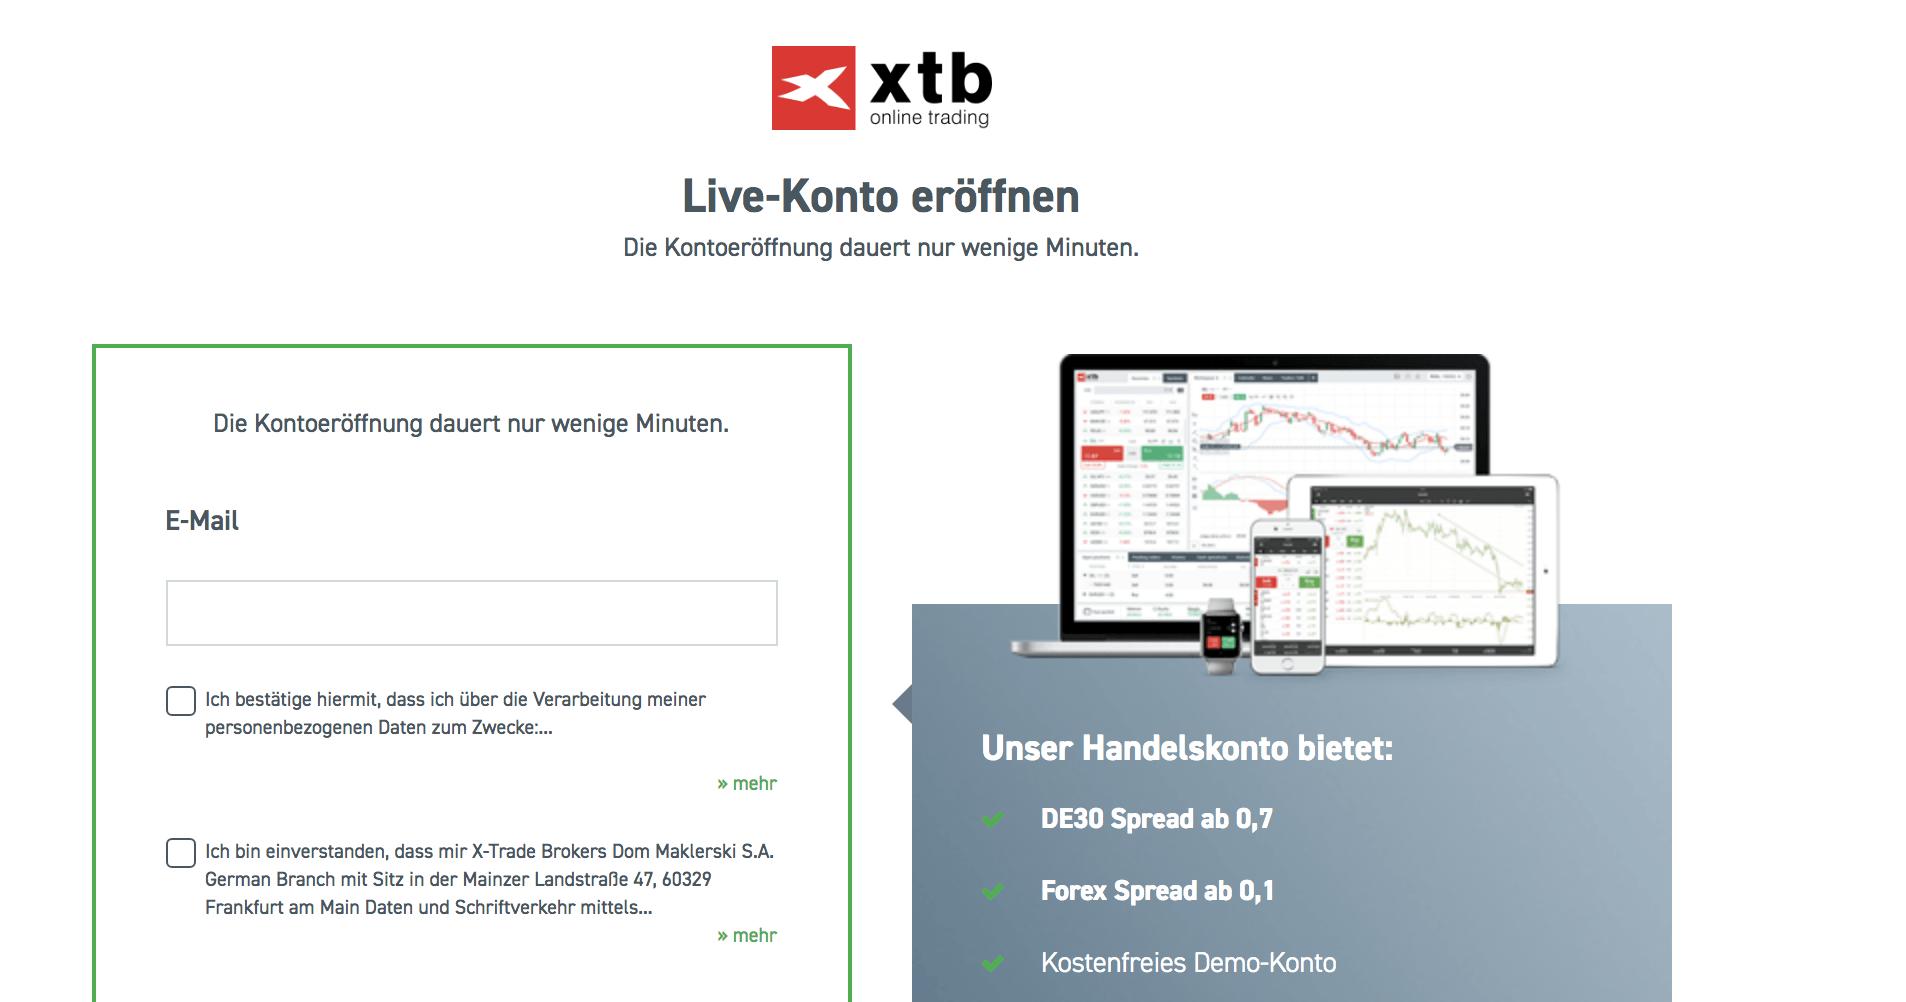 XTB Kontoeröffnung